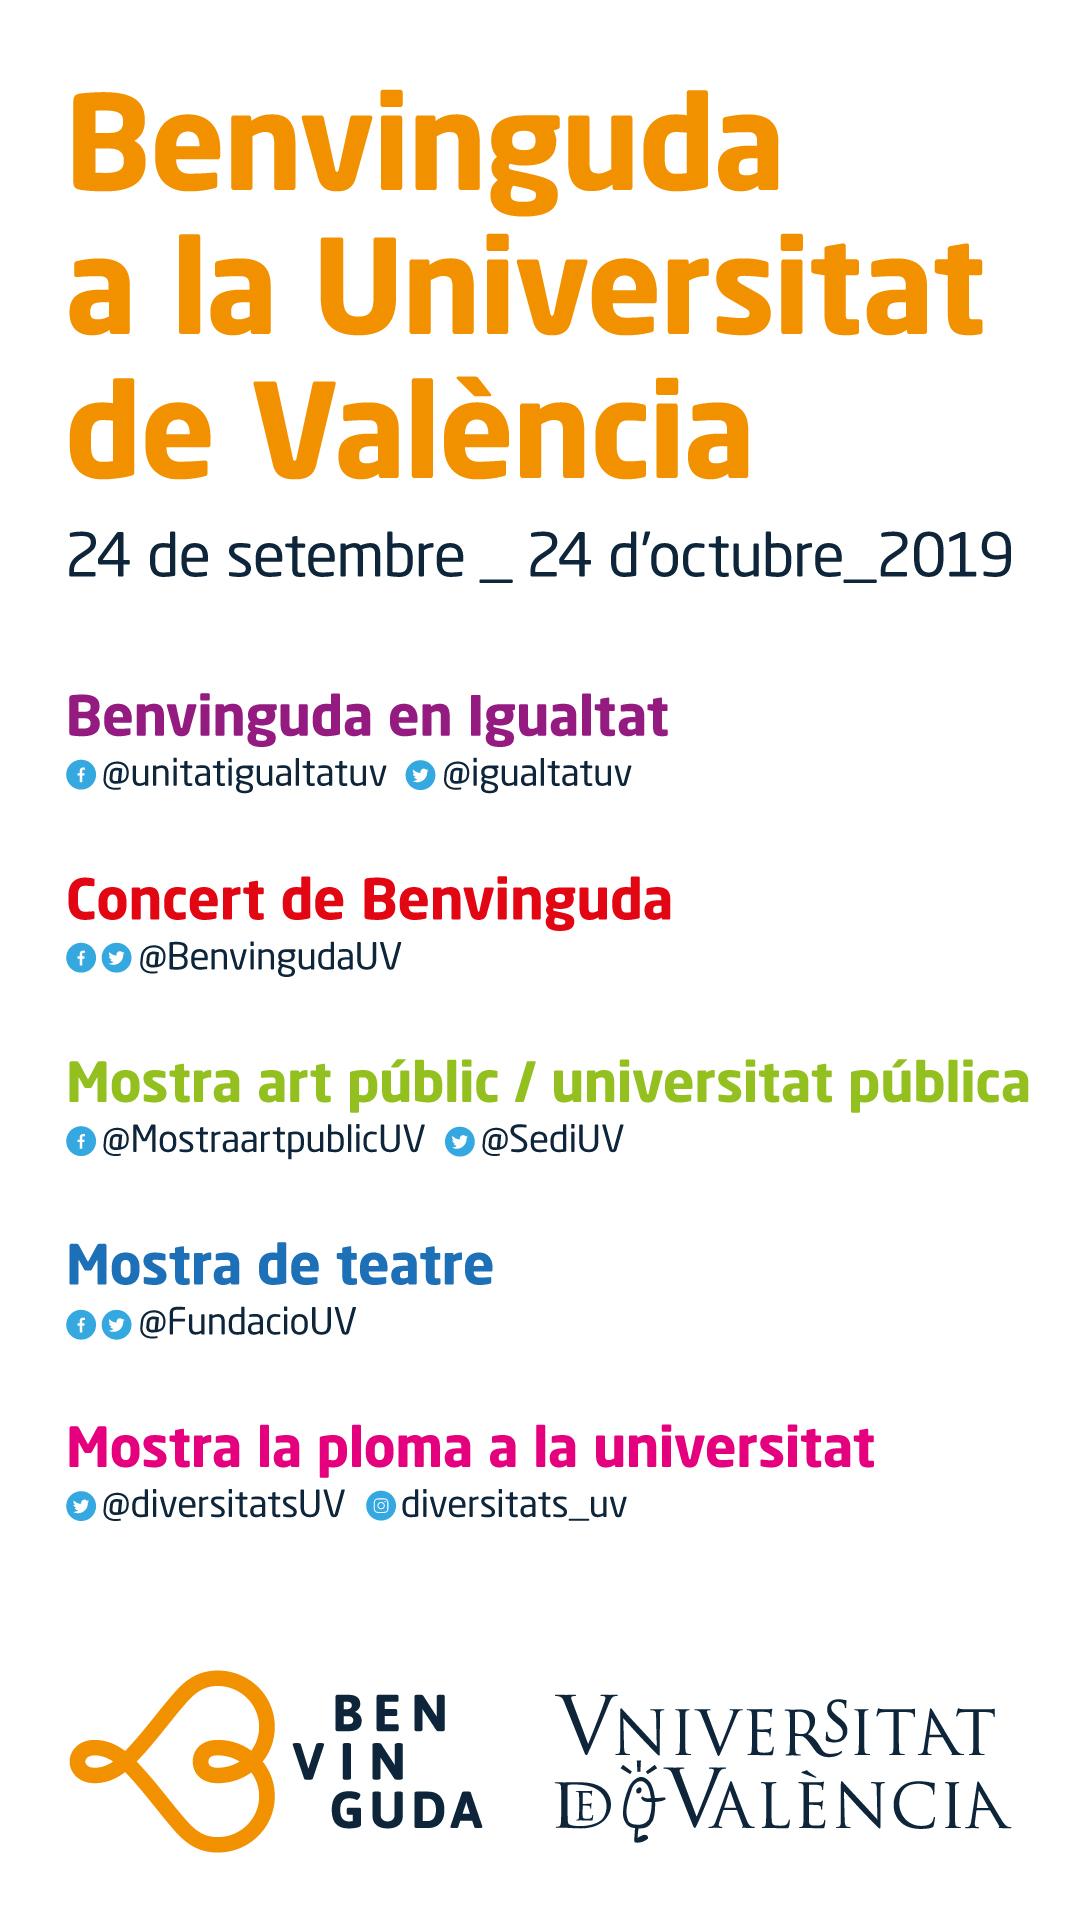 Benvinguda a la Universitat de València